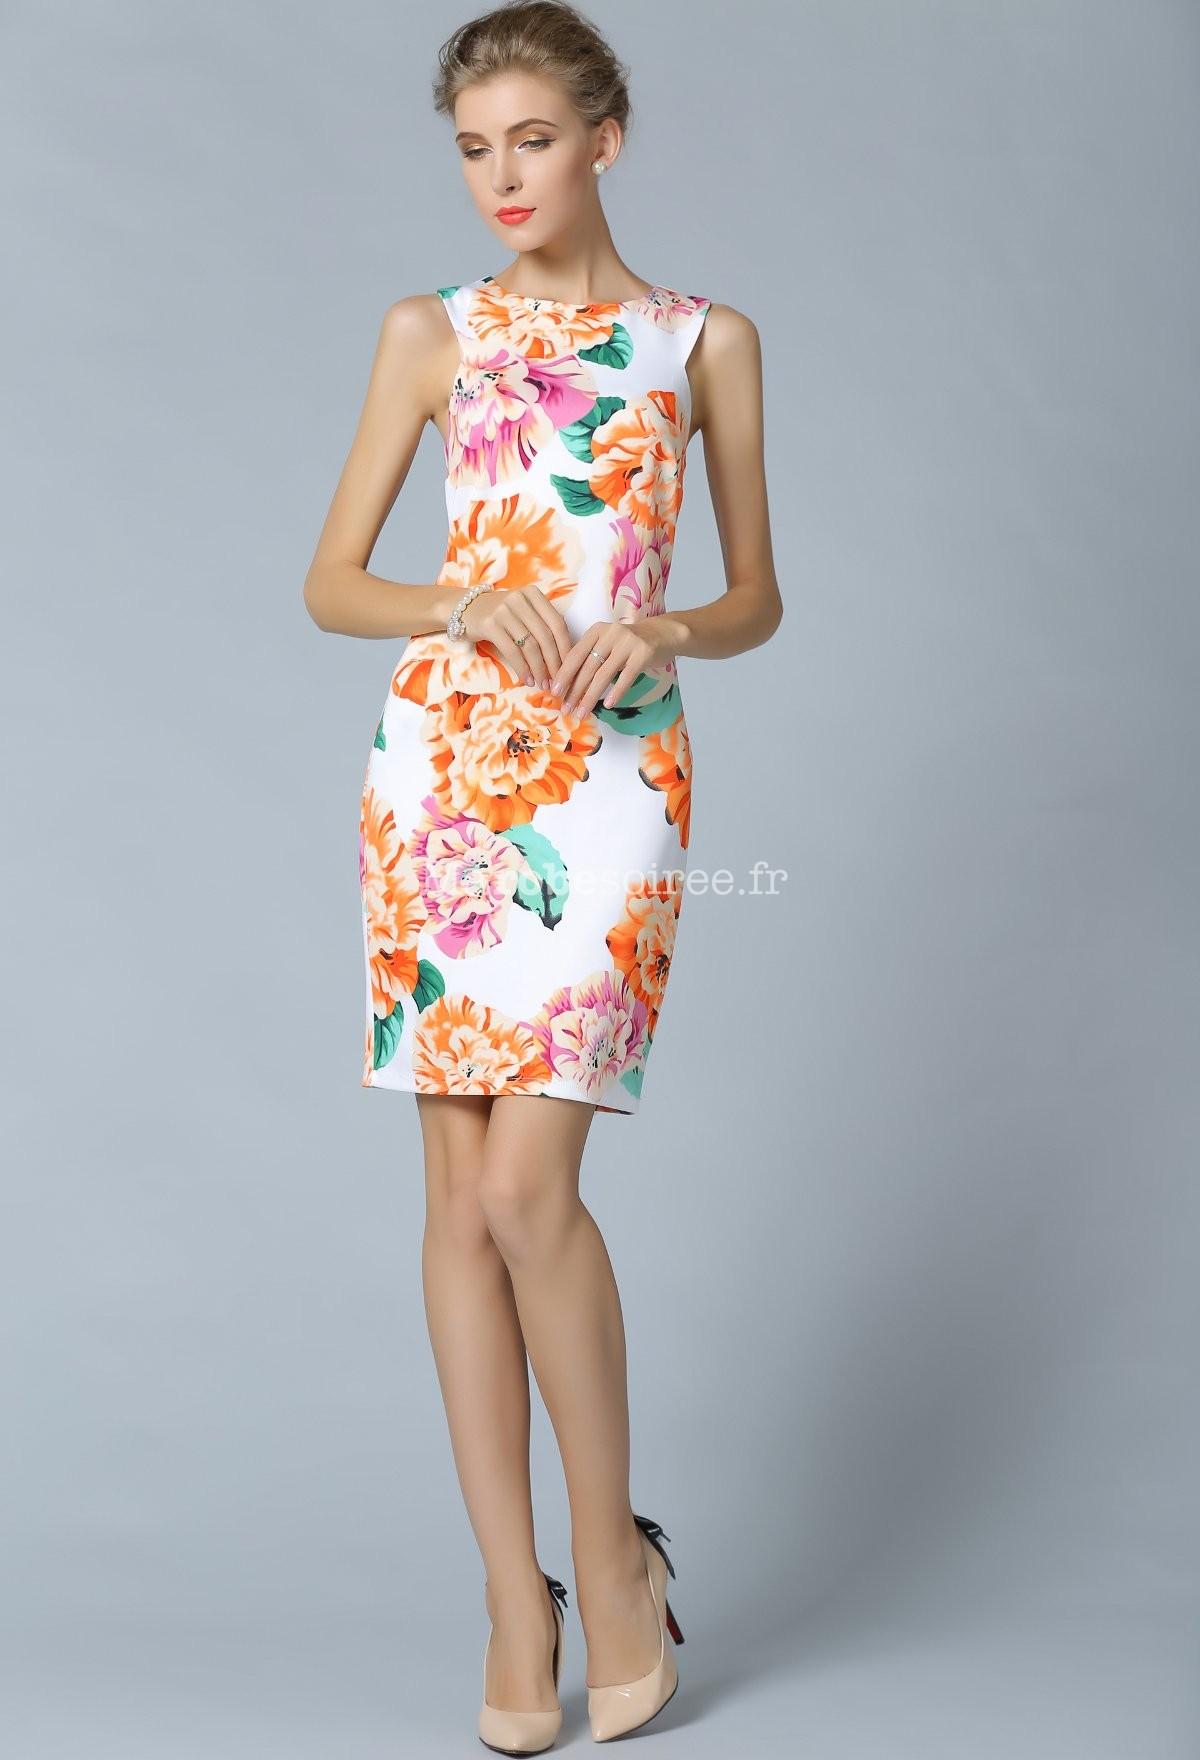 Model de reve robe droite